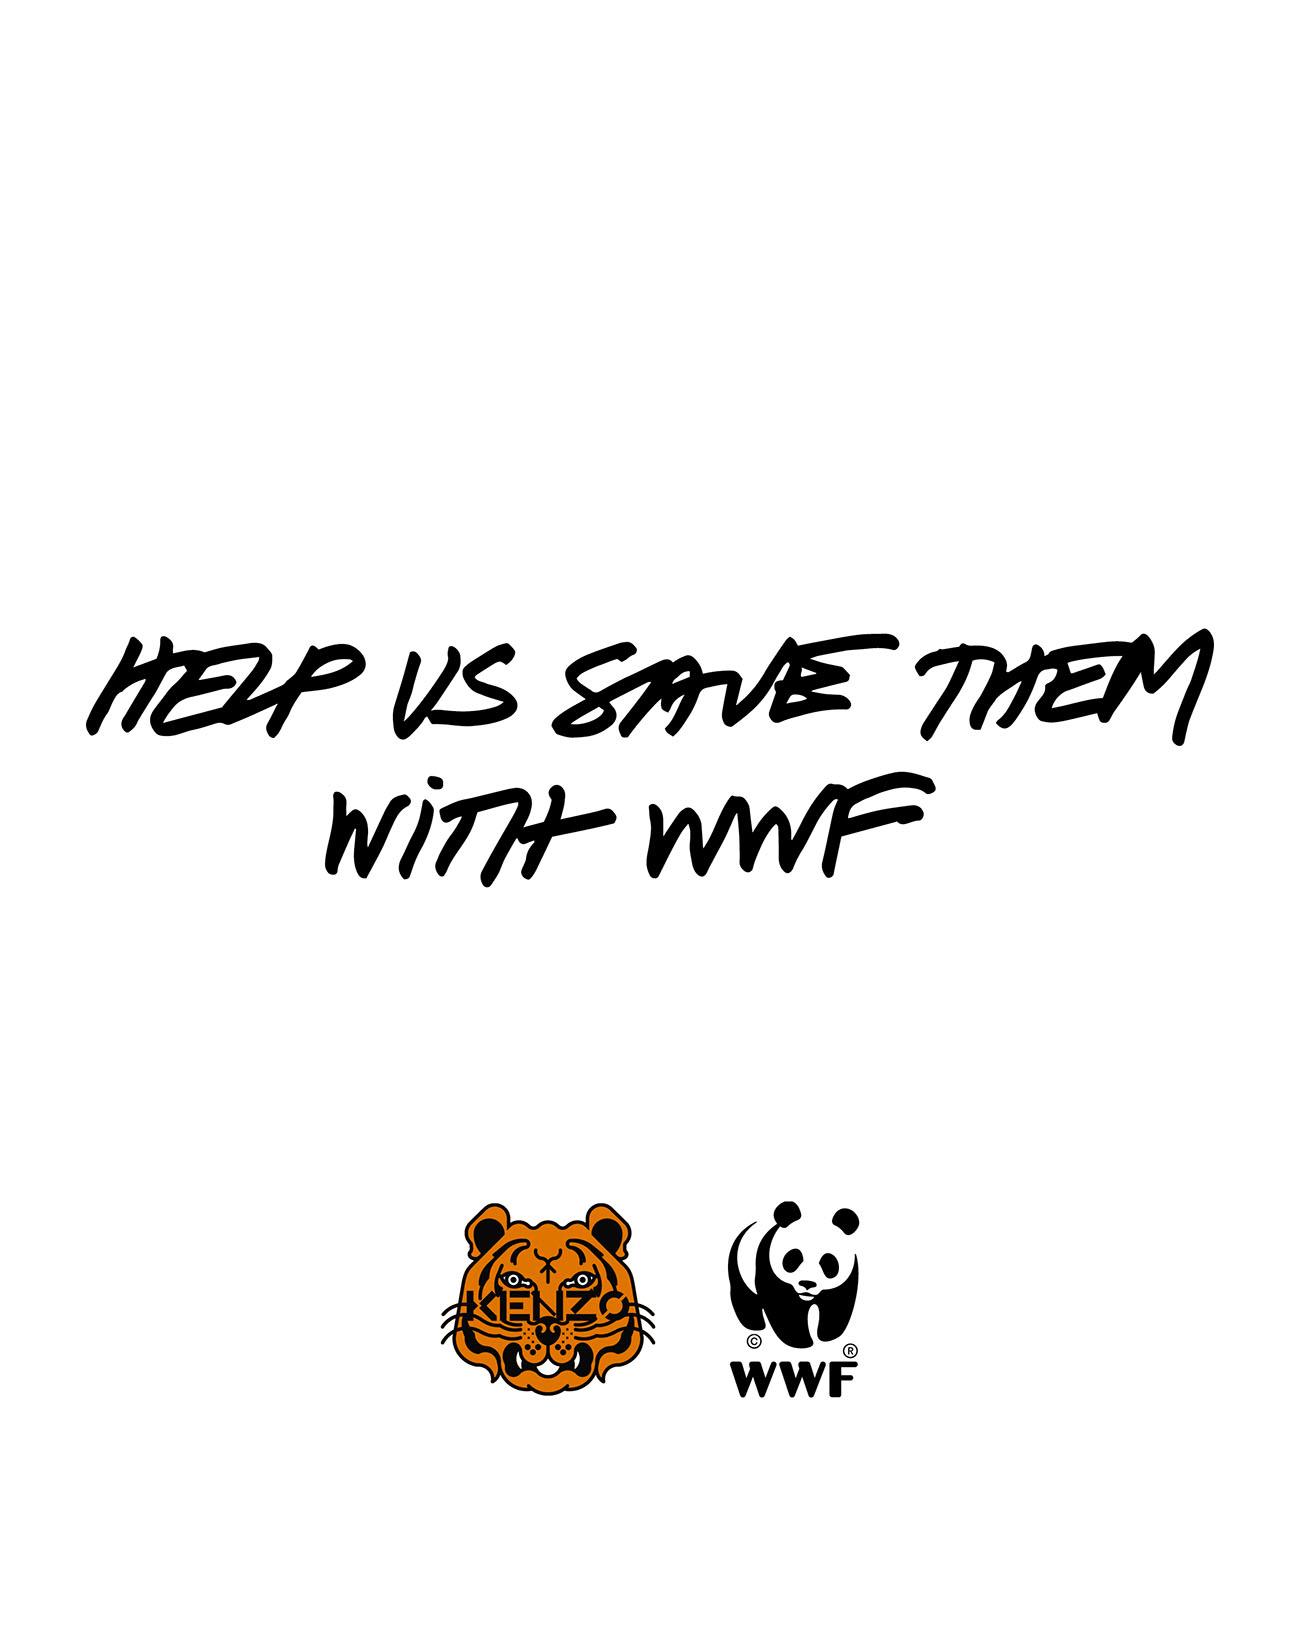 KENZO x WWF 2021